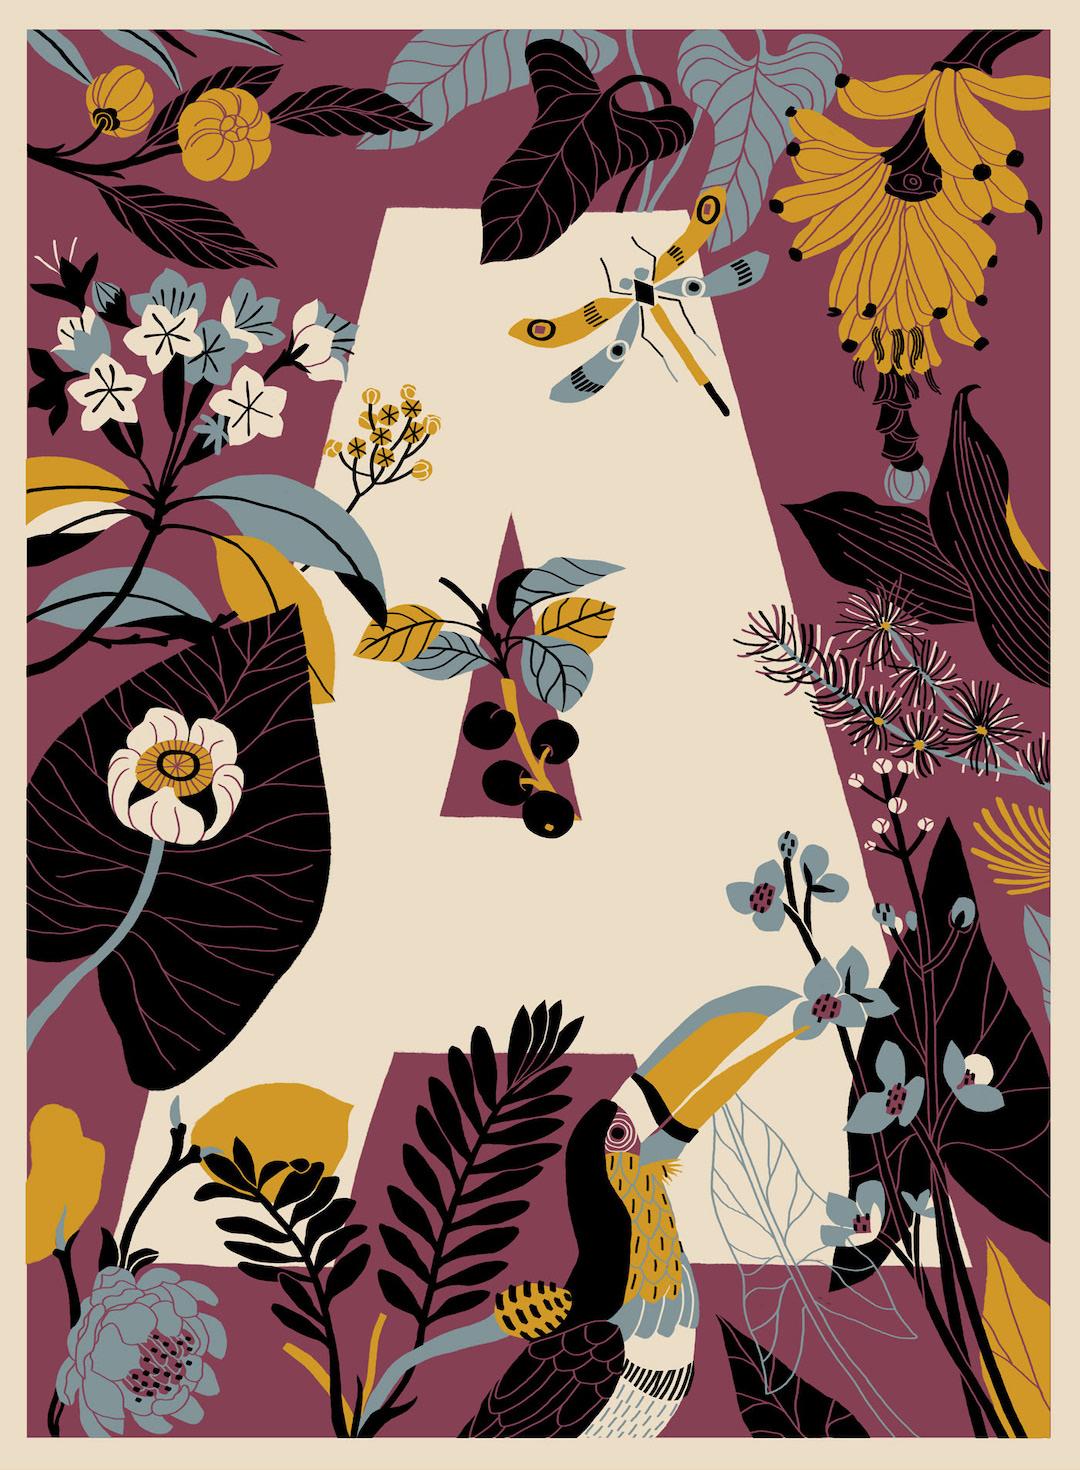 Alphabet illustration by André Ducci